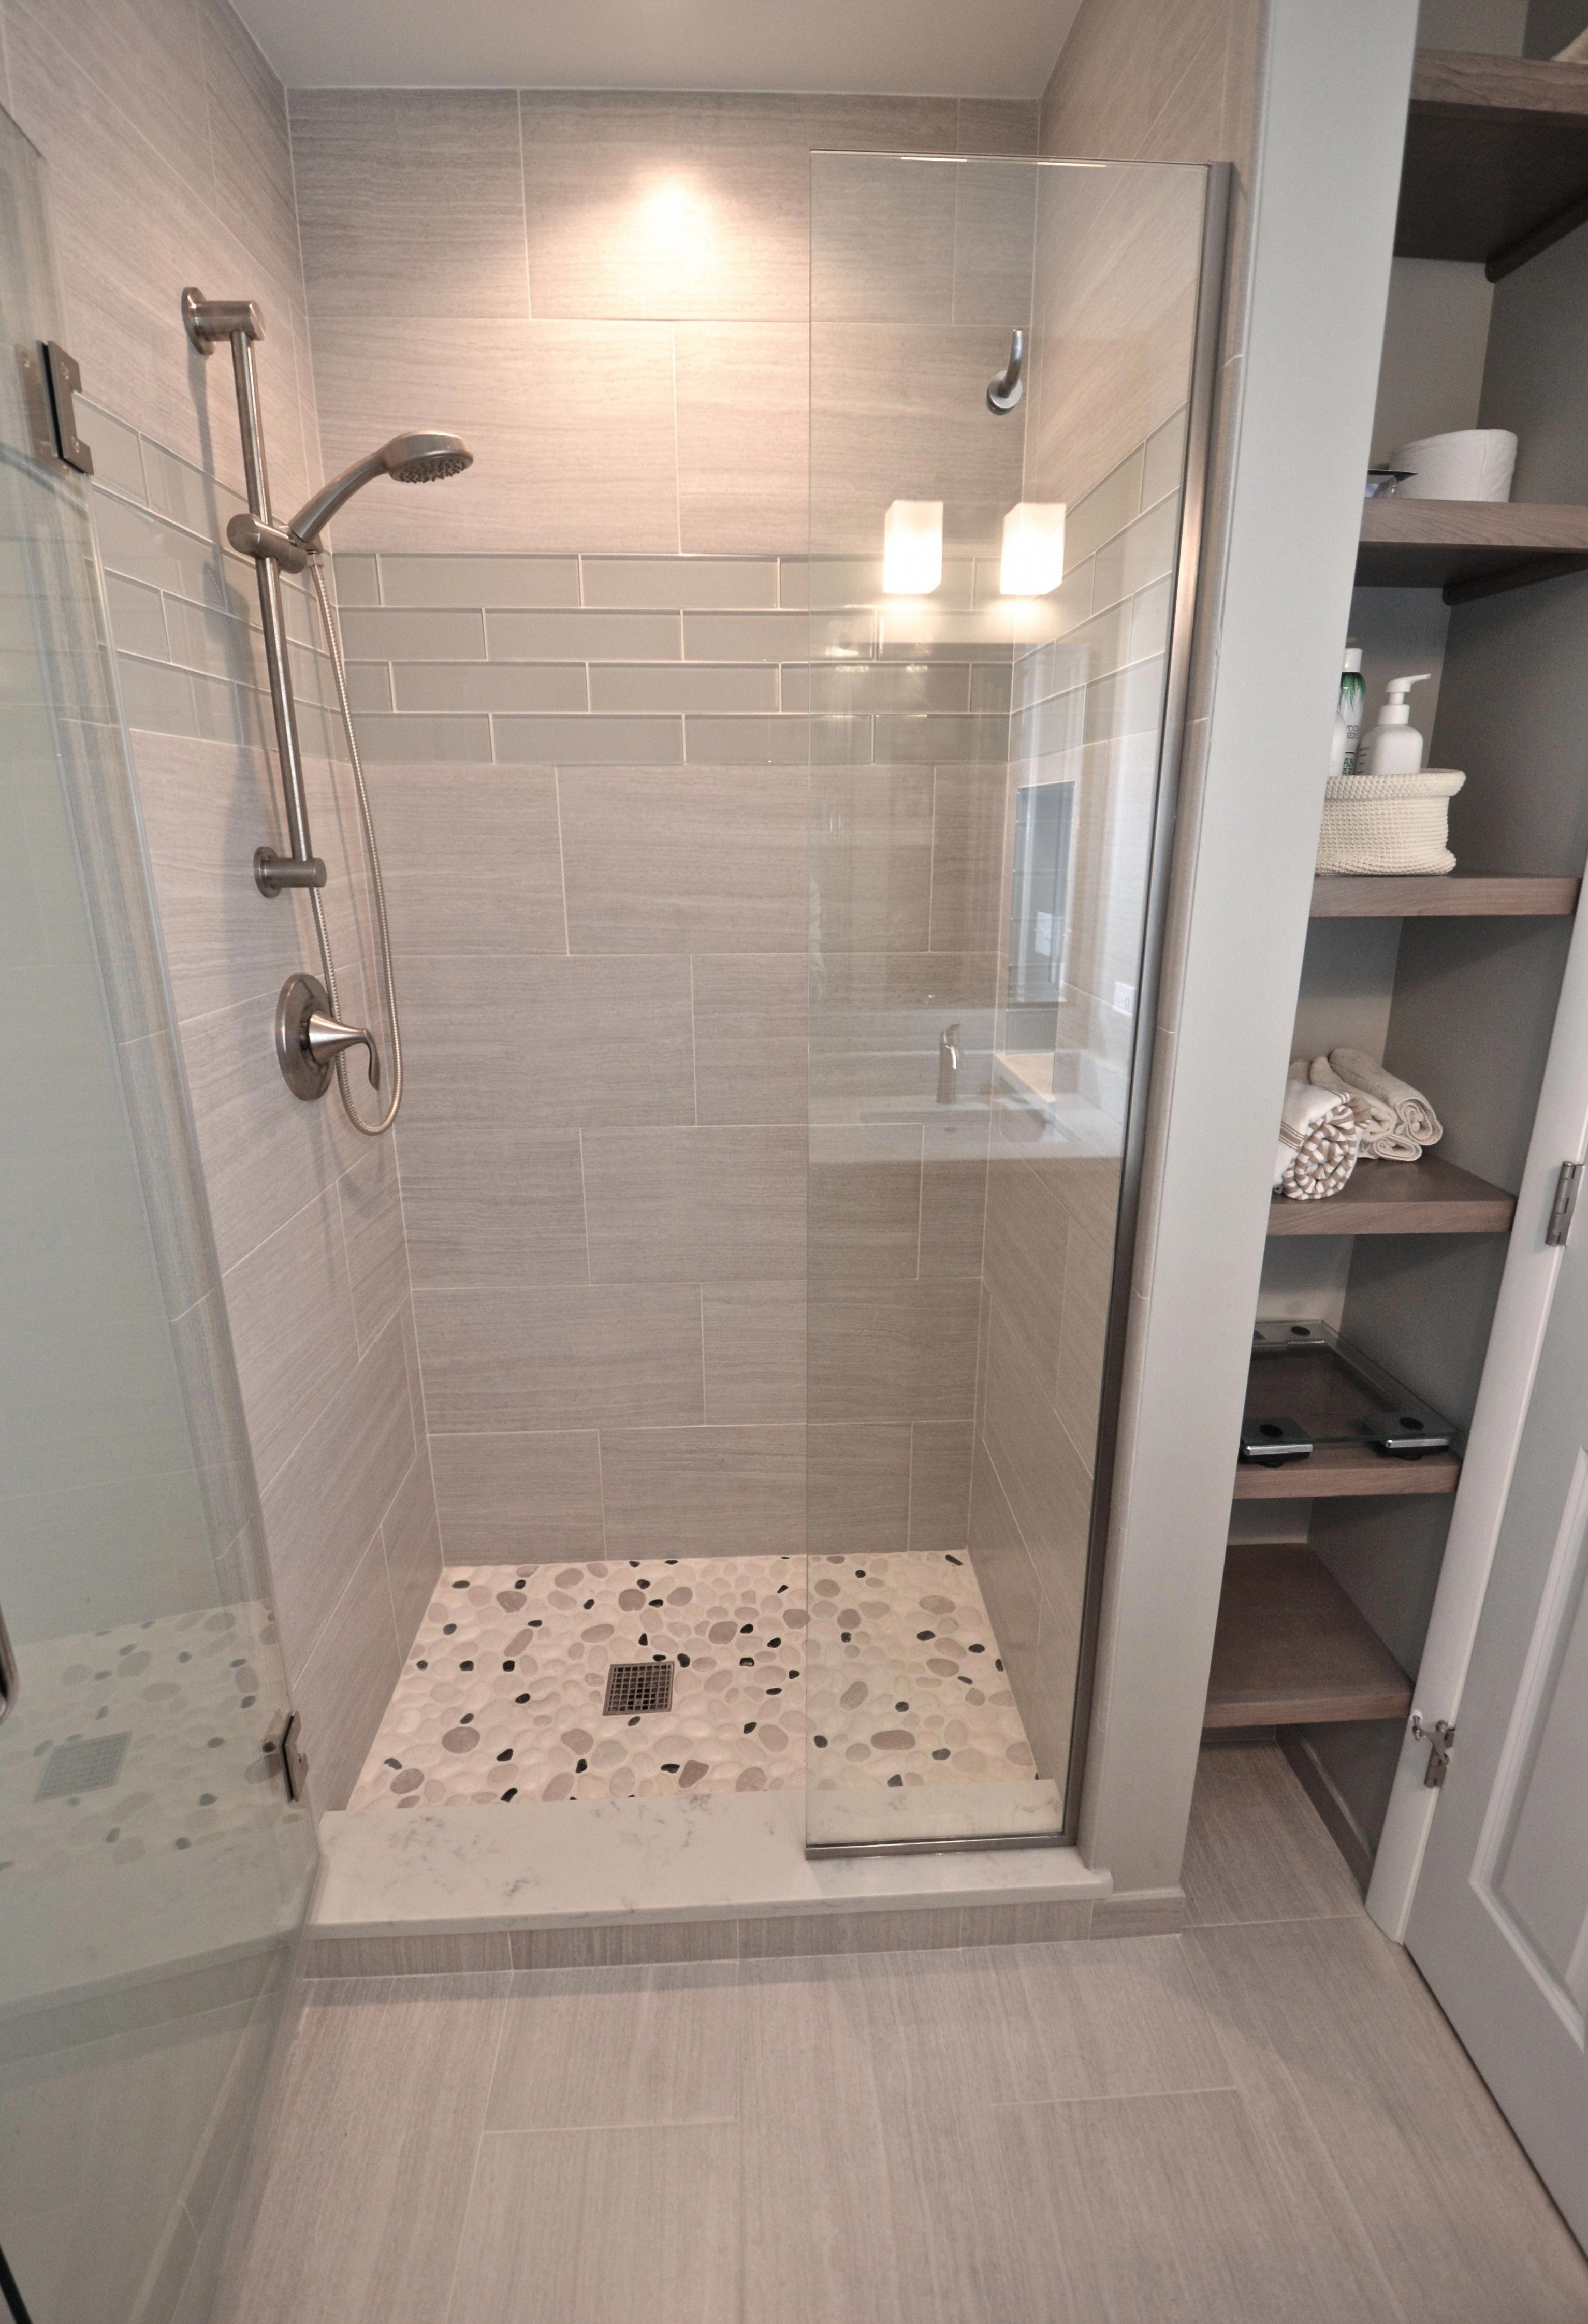 Remodelaciondebanos Basement Bathroom Remodeling Small Bathroom Small Bathroom Makeover